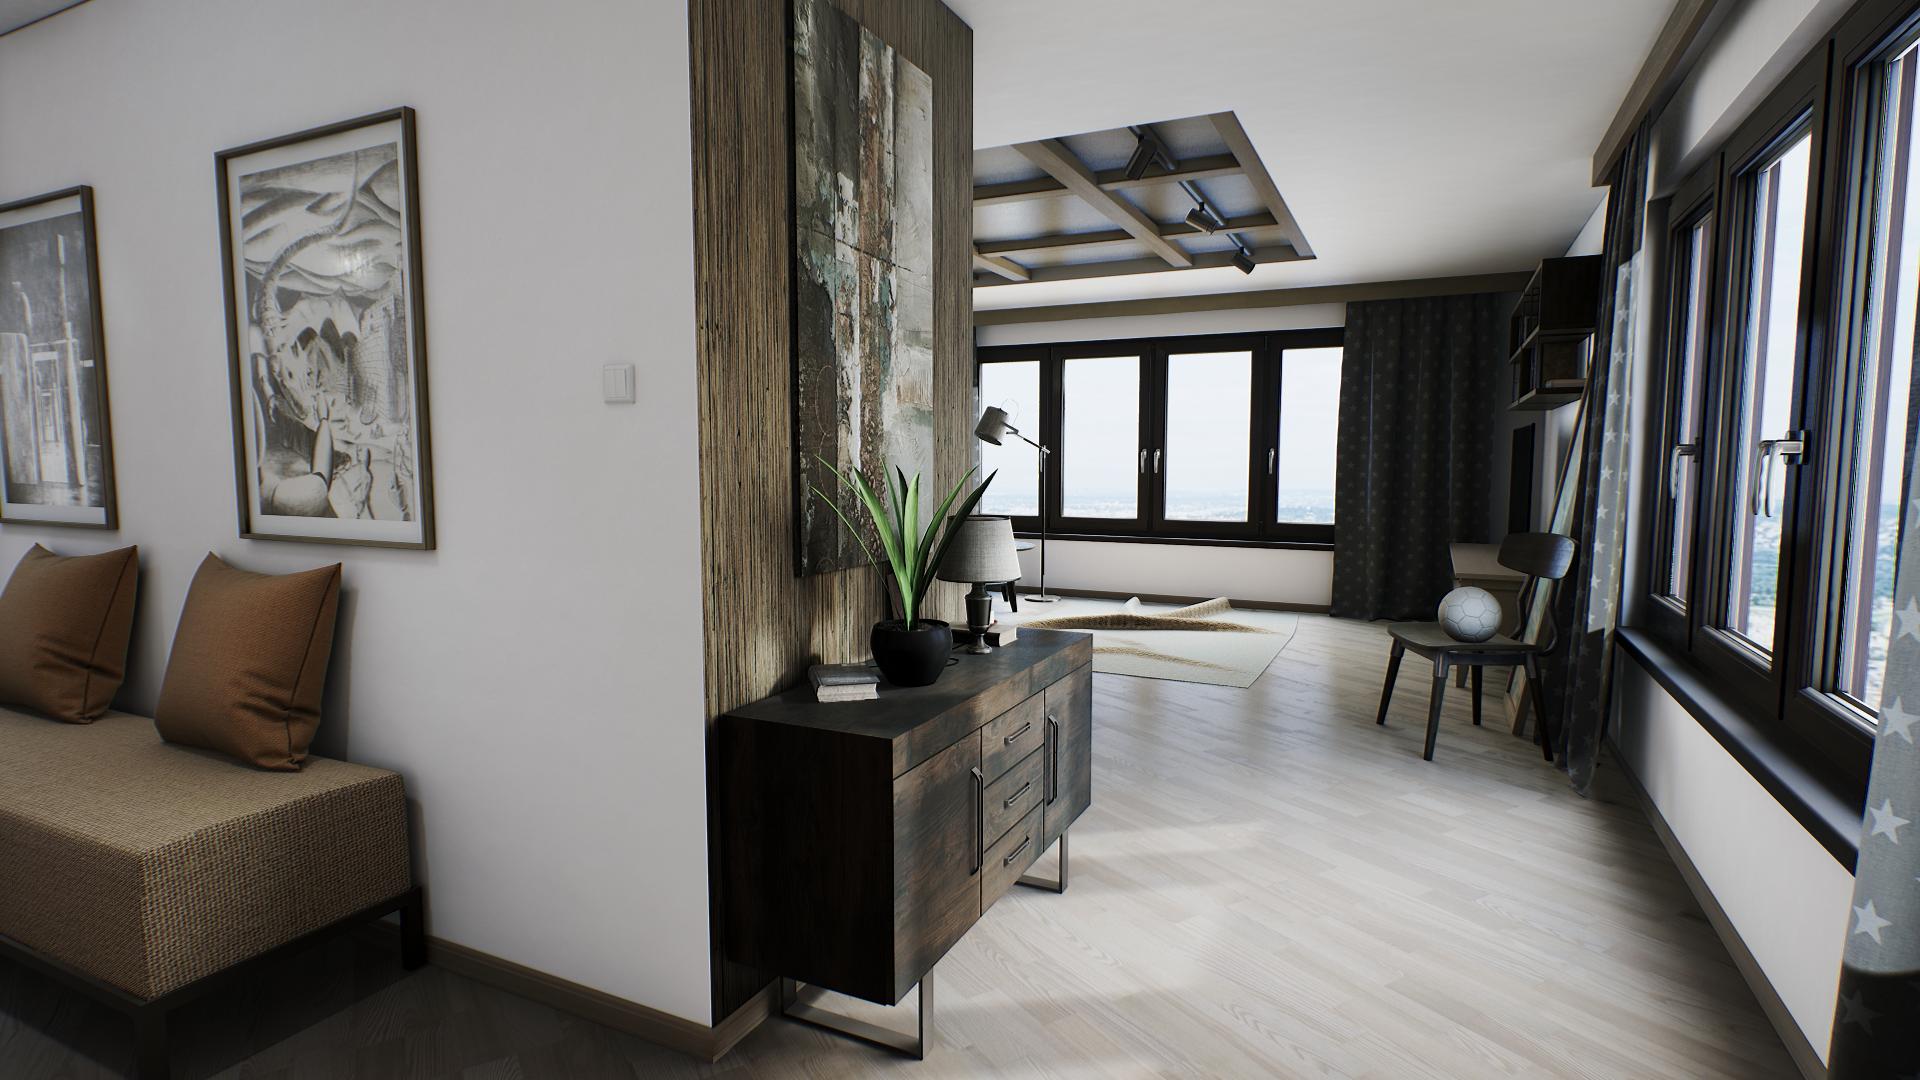 Hintergrundbilder : Zimmer, Haus, Innenarchitektur, Hütte, Archviz ...